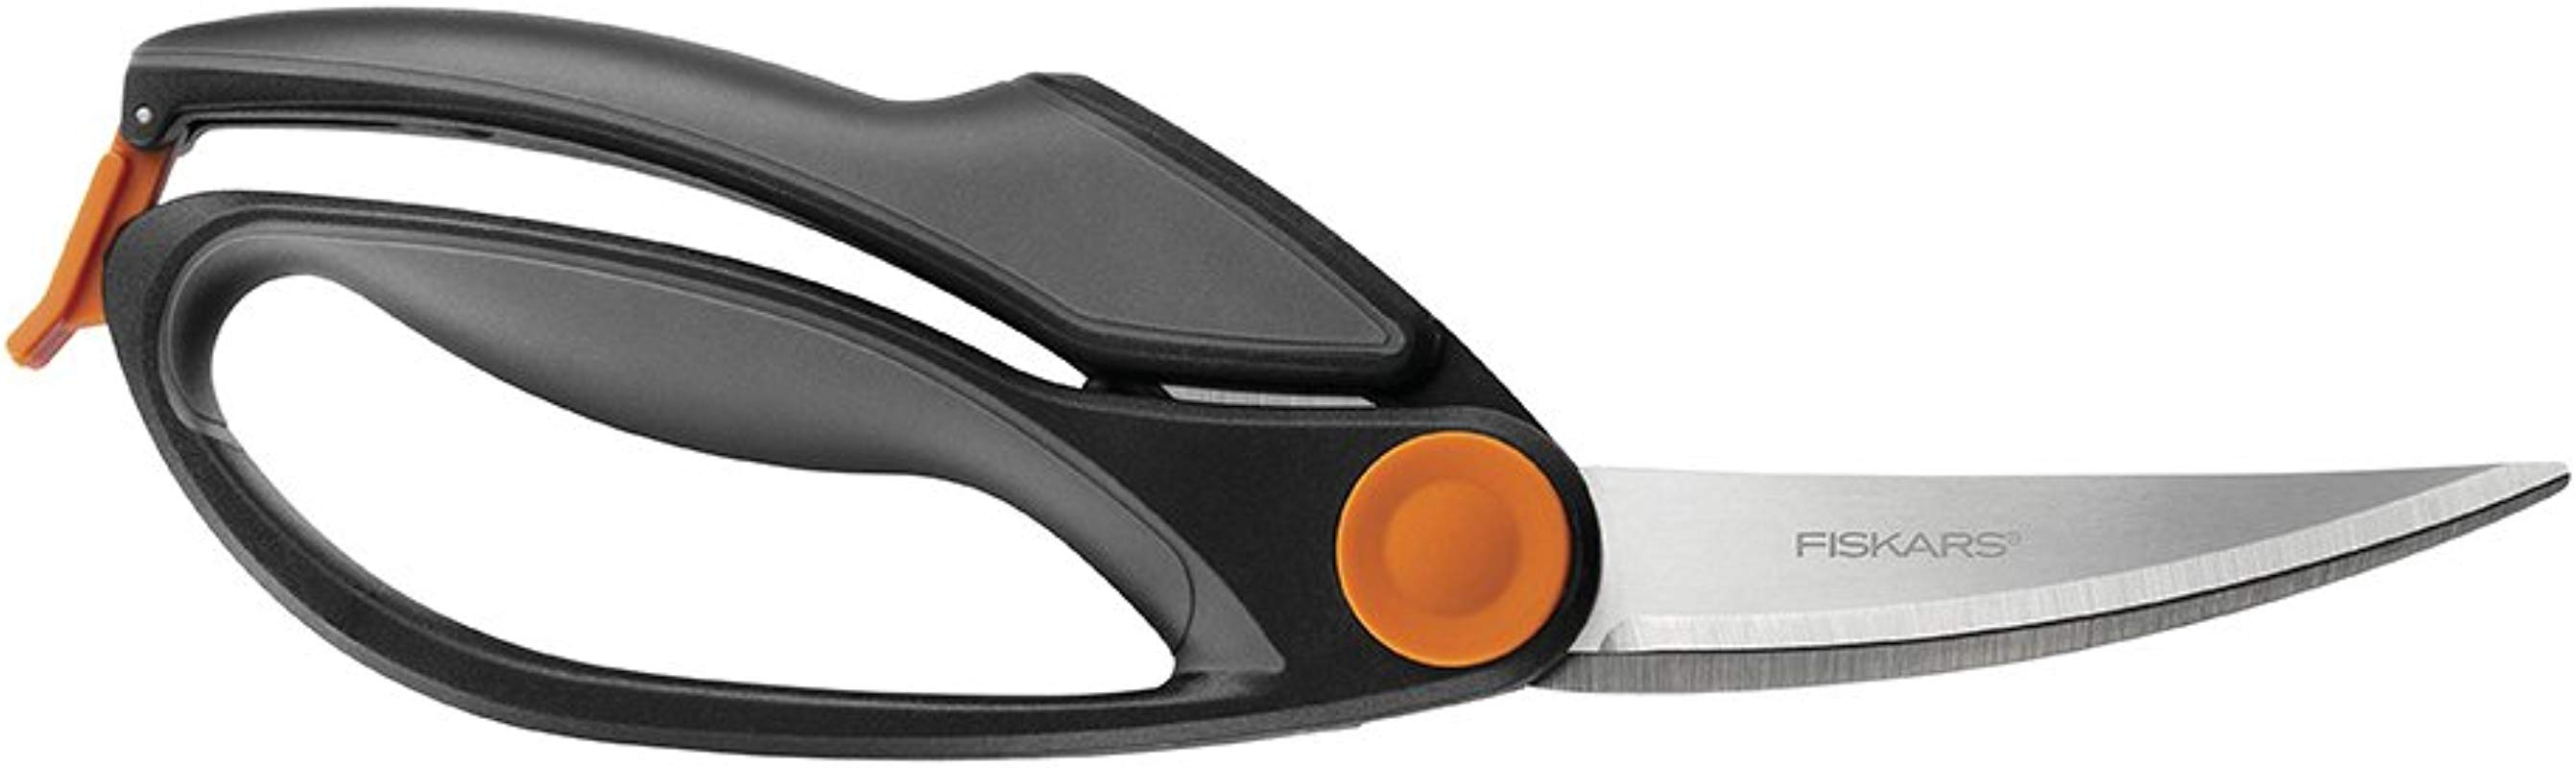 Fiskars Heavy Duty Butcher Shears 9 Inch 510011 1001